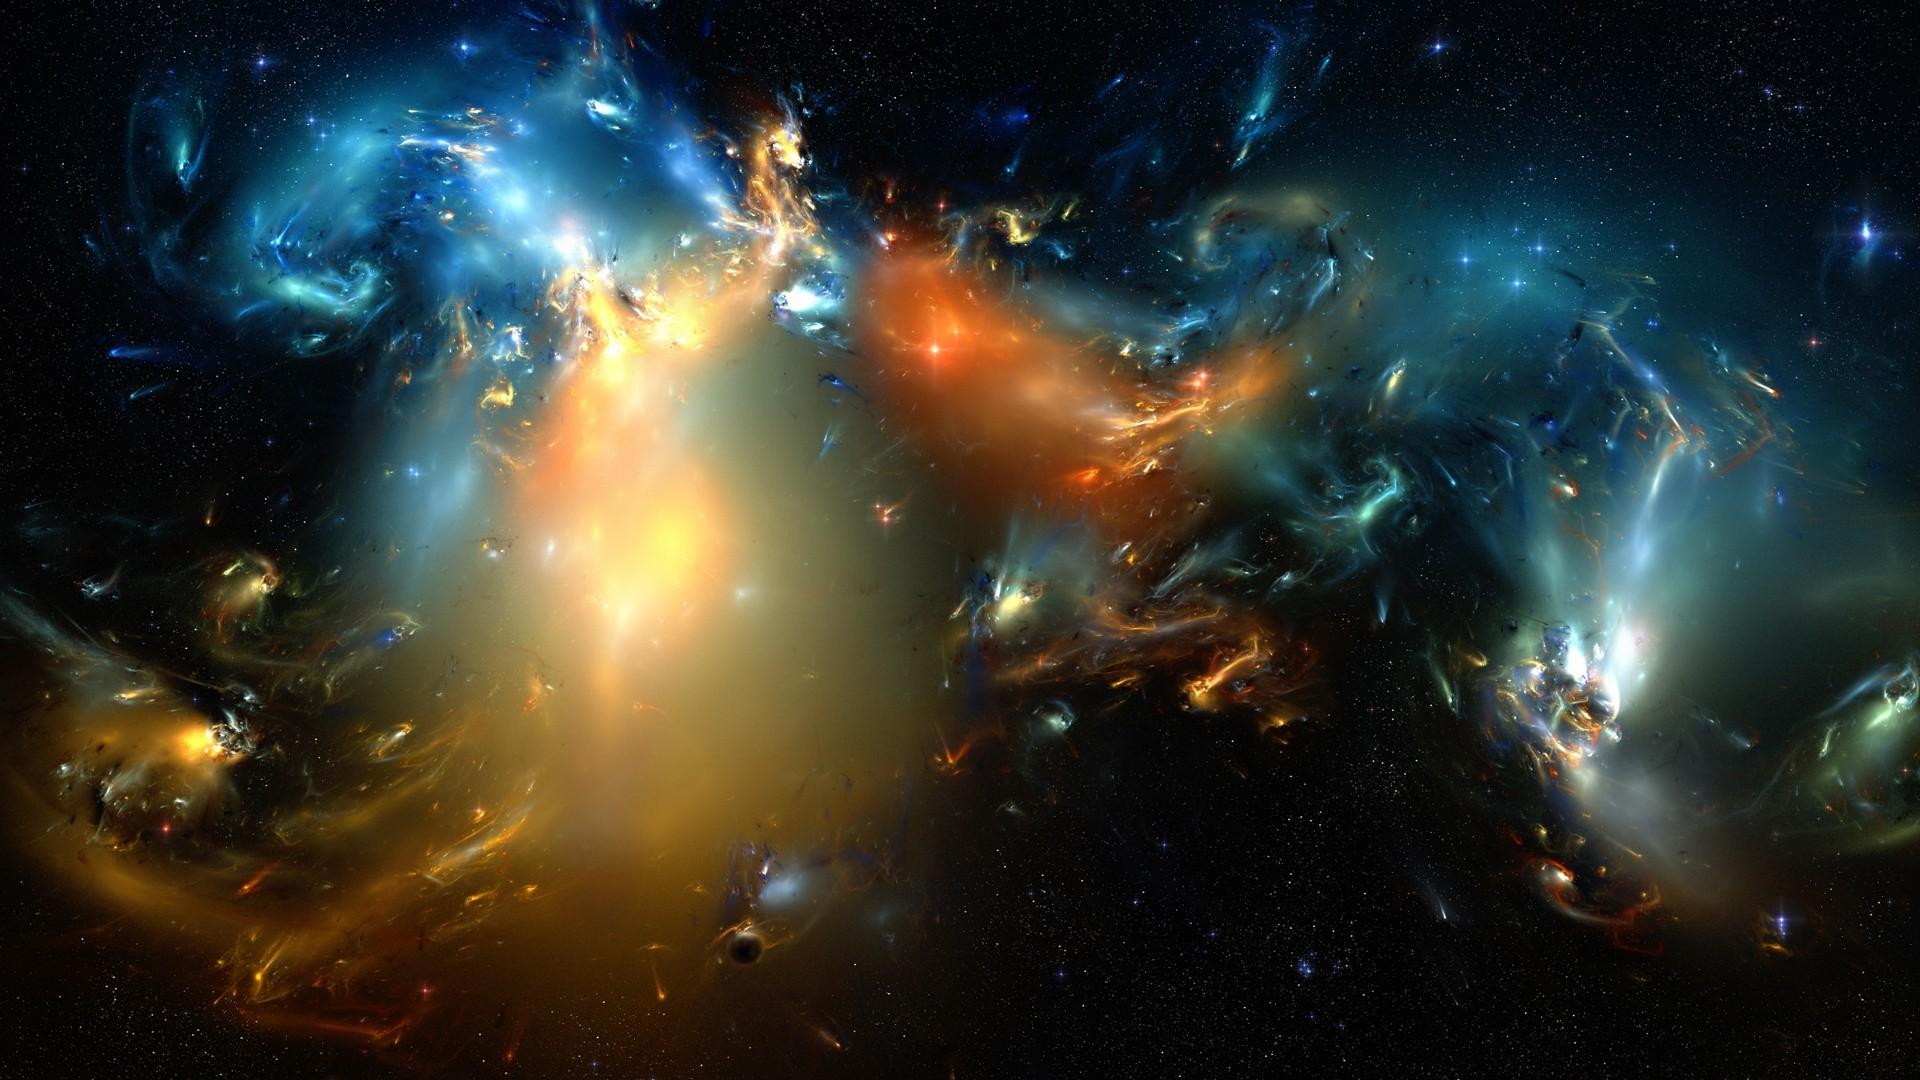 Galaxy Wallpaper HD 8168